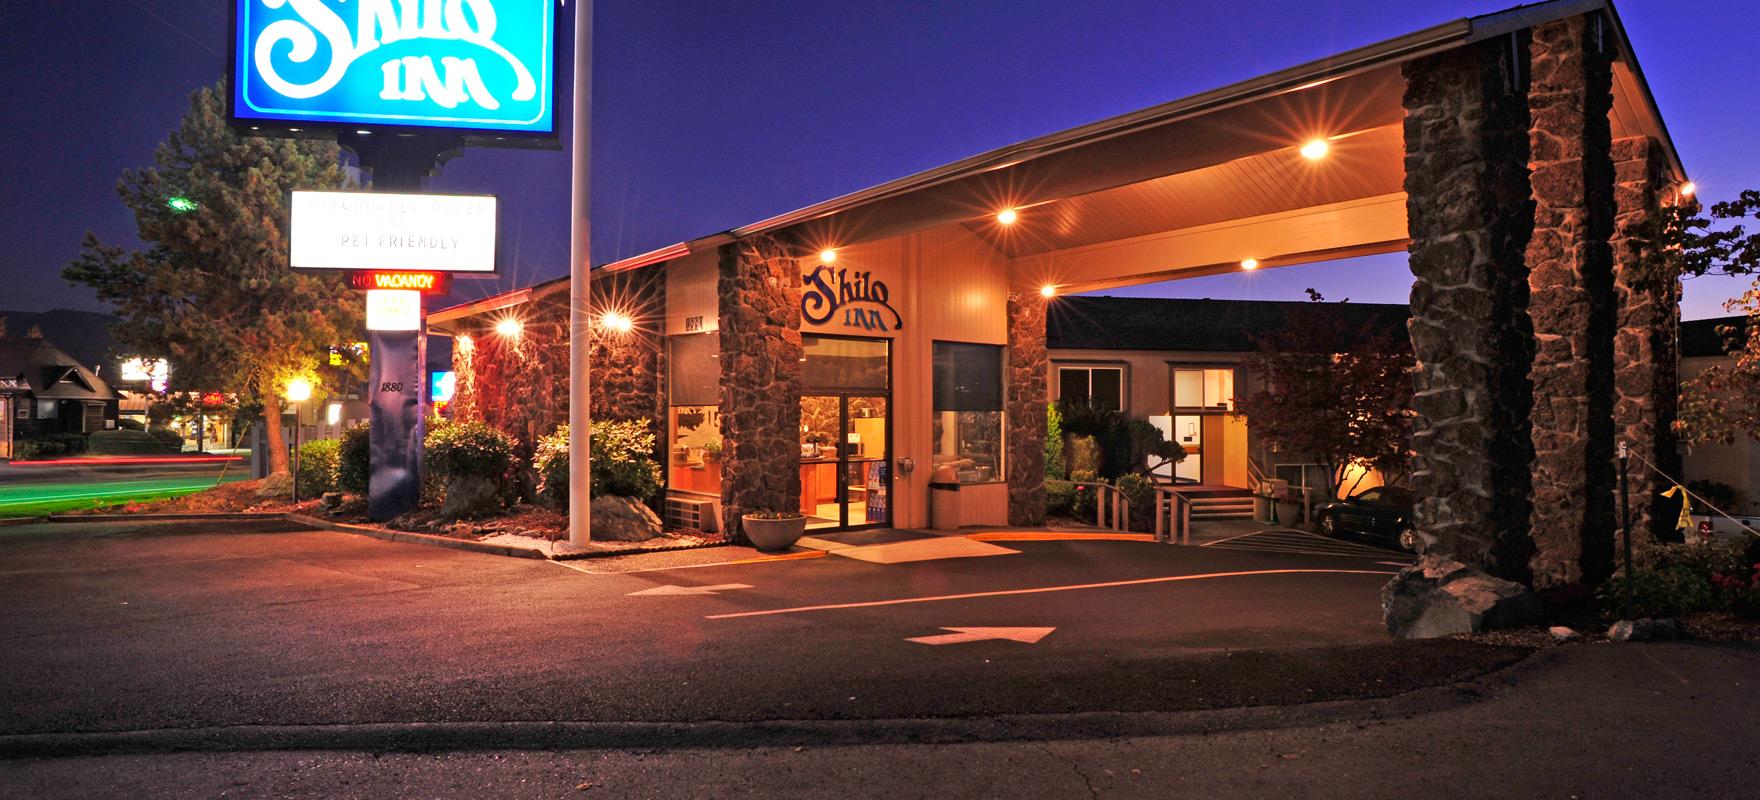 Shilo Inns Suites Hotels Grants Pass Oregon